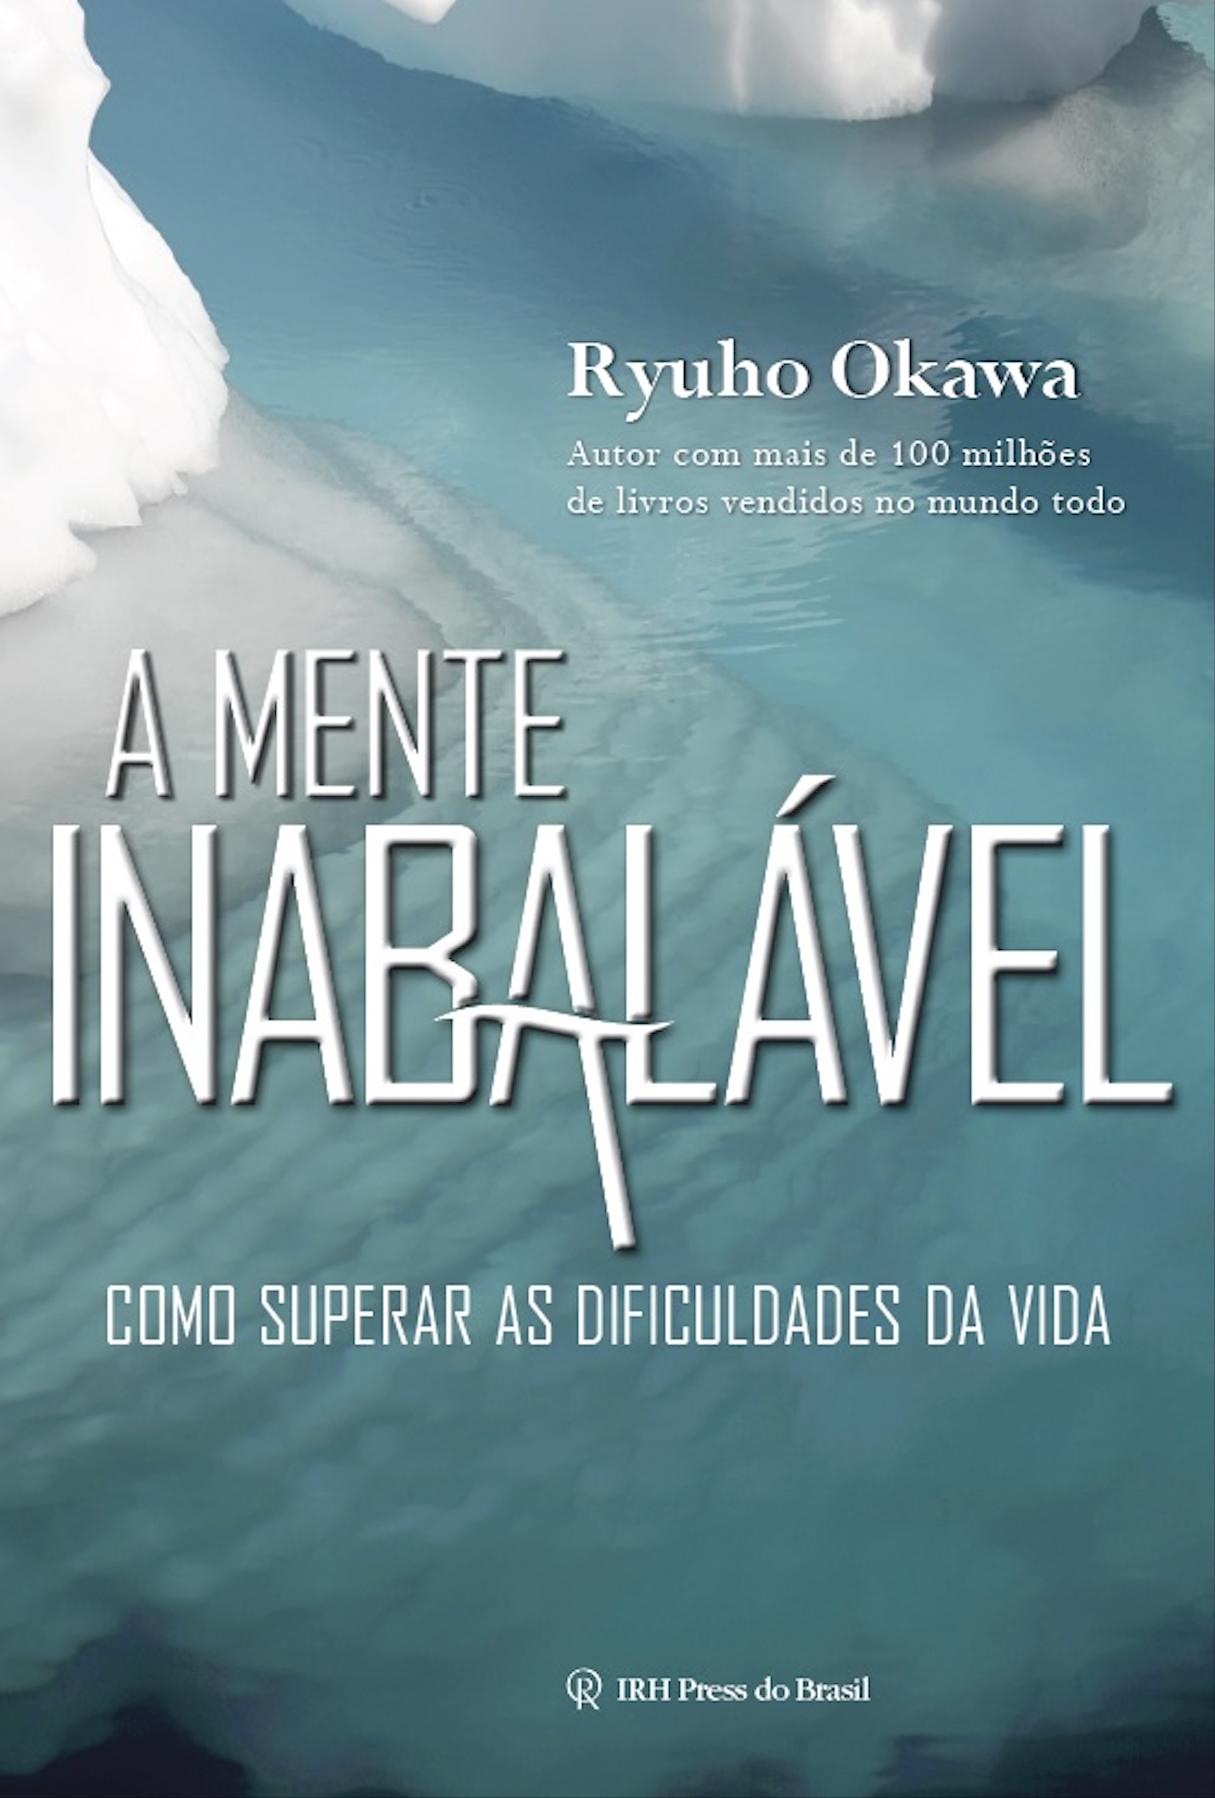 An Unshakable Mind by Ryuho Okawa